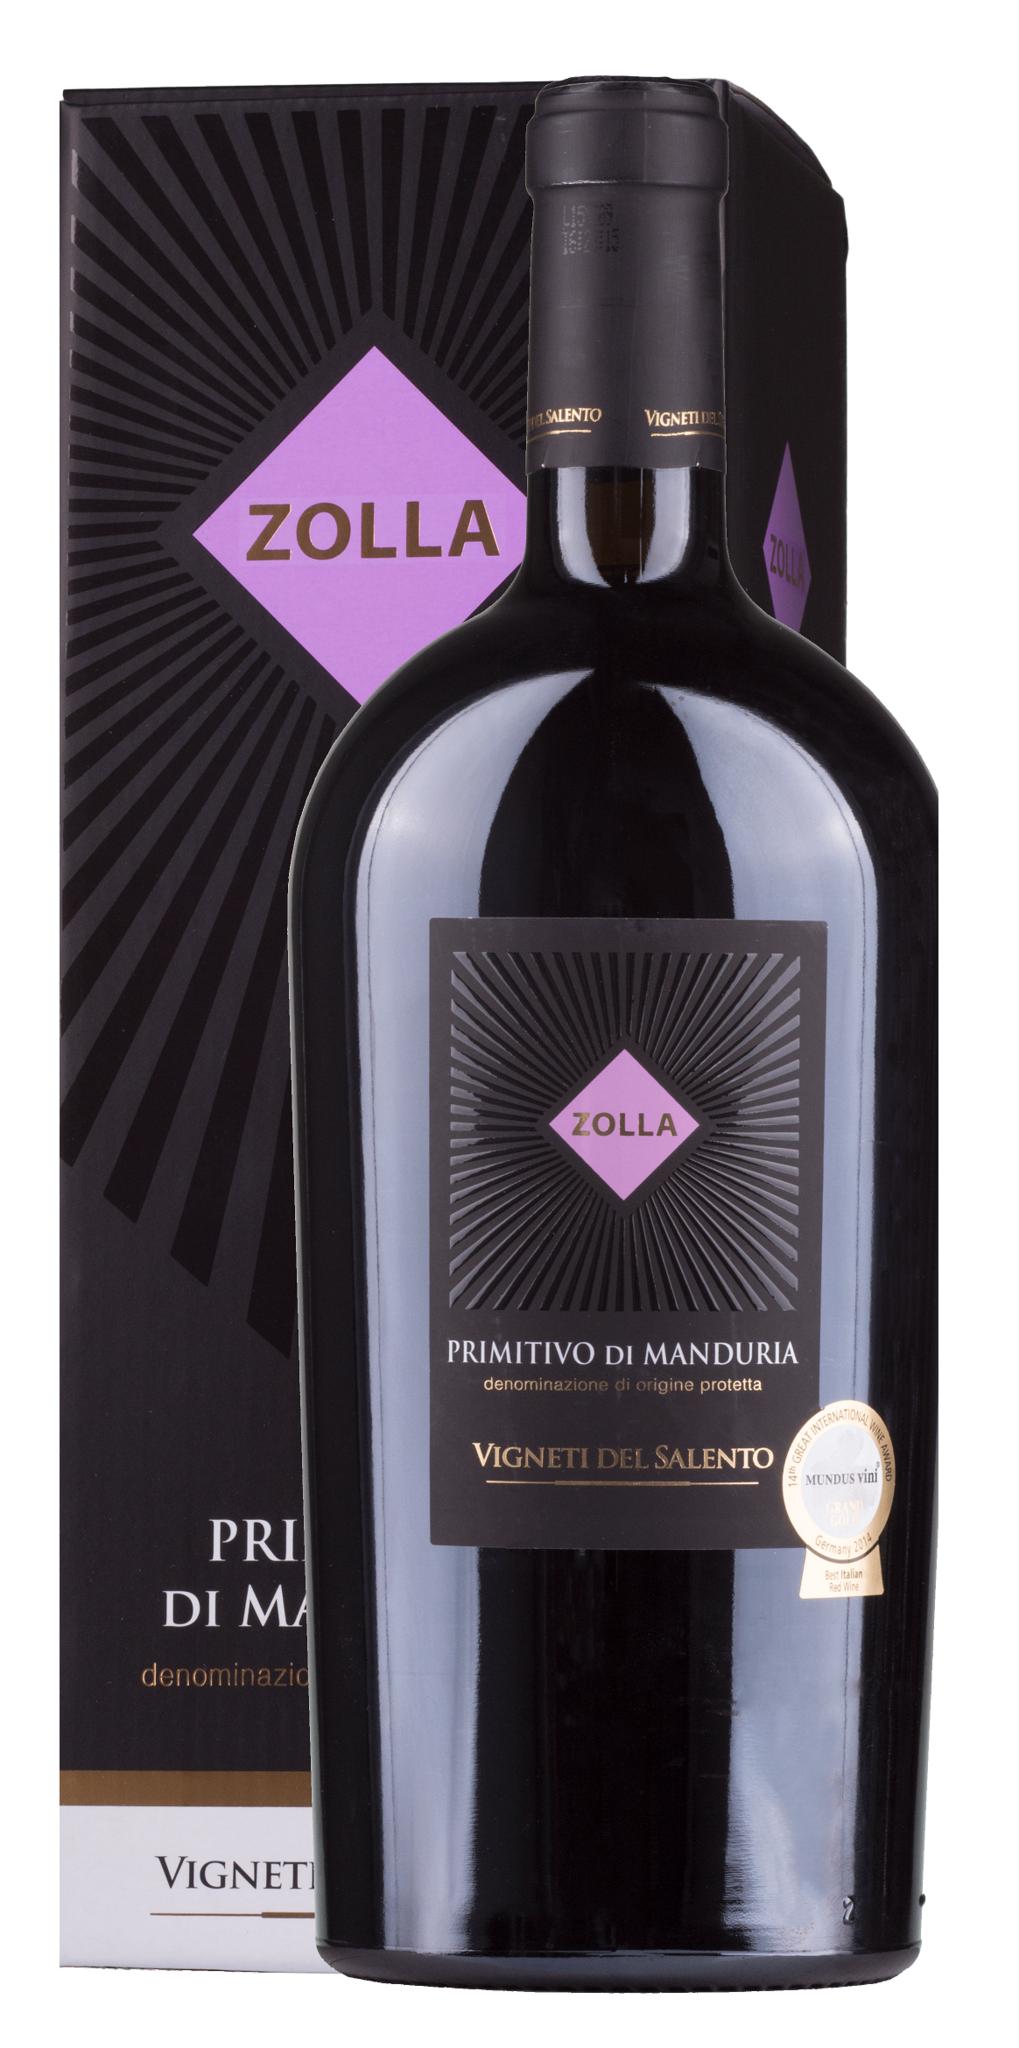 Farnese, Mittel- & Süditalien 2017 Primitivo di Manduria Zolla 1,5L in giftbox